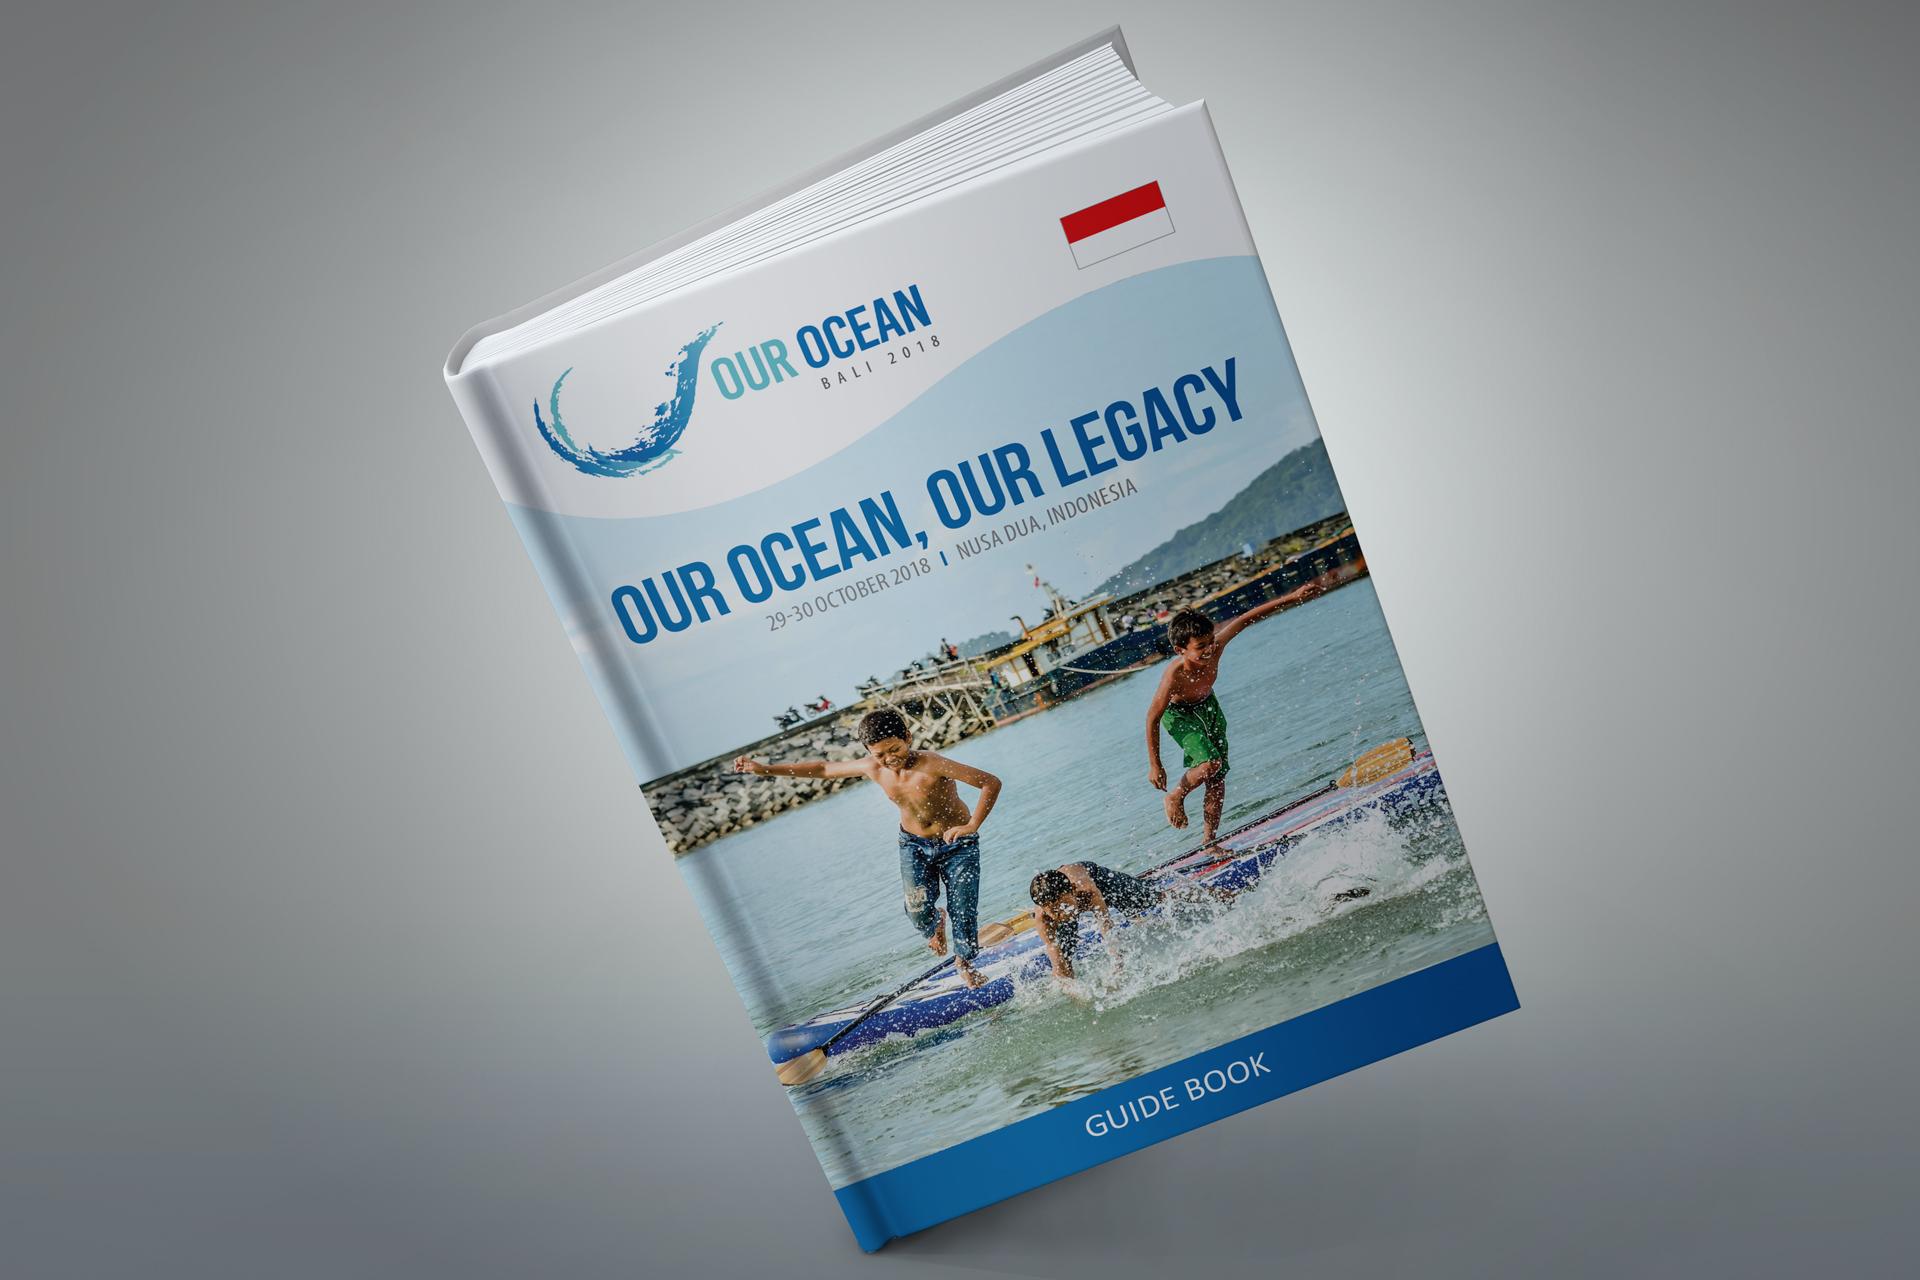 OUR OCEAN 2018